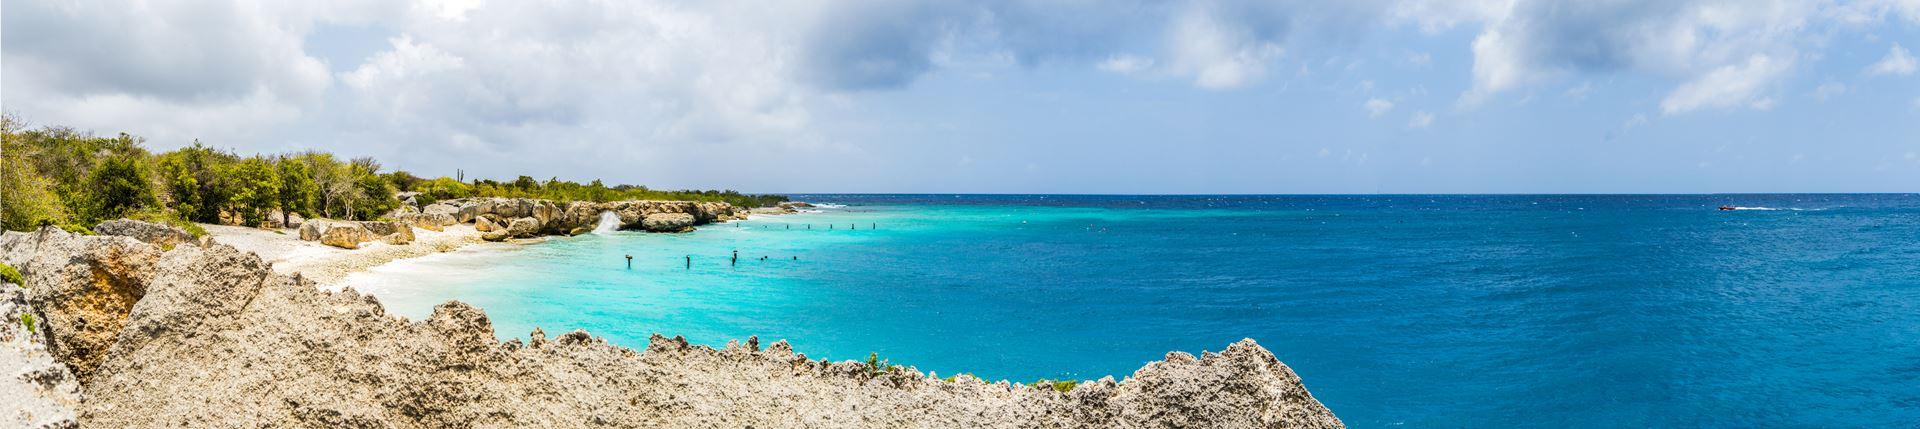 Vliegreis Curaçao